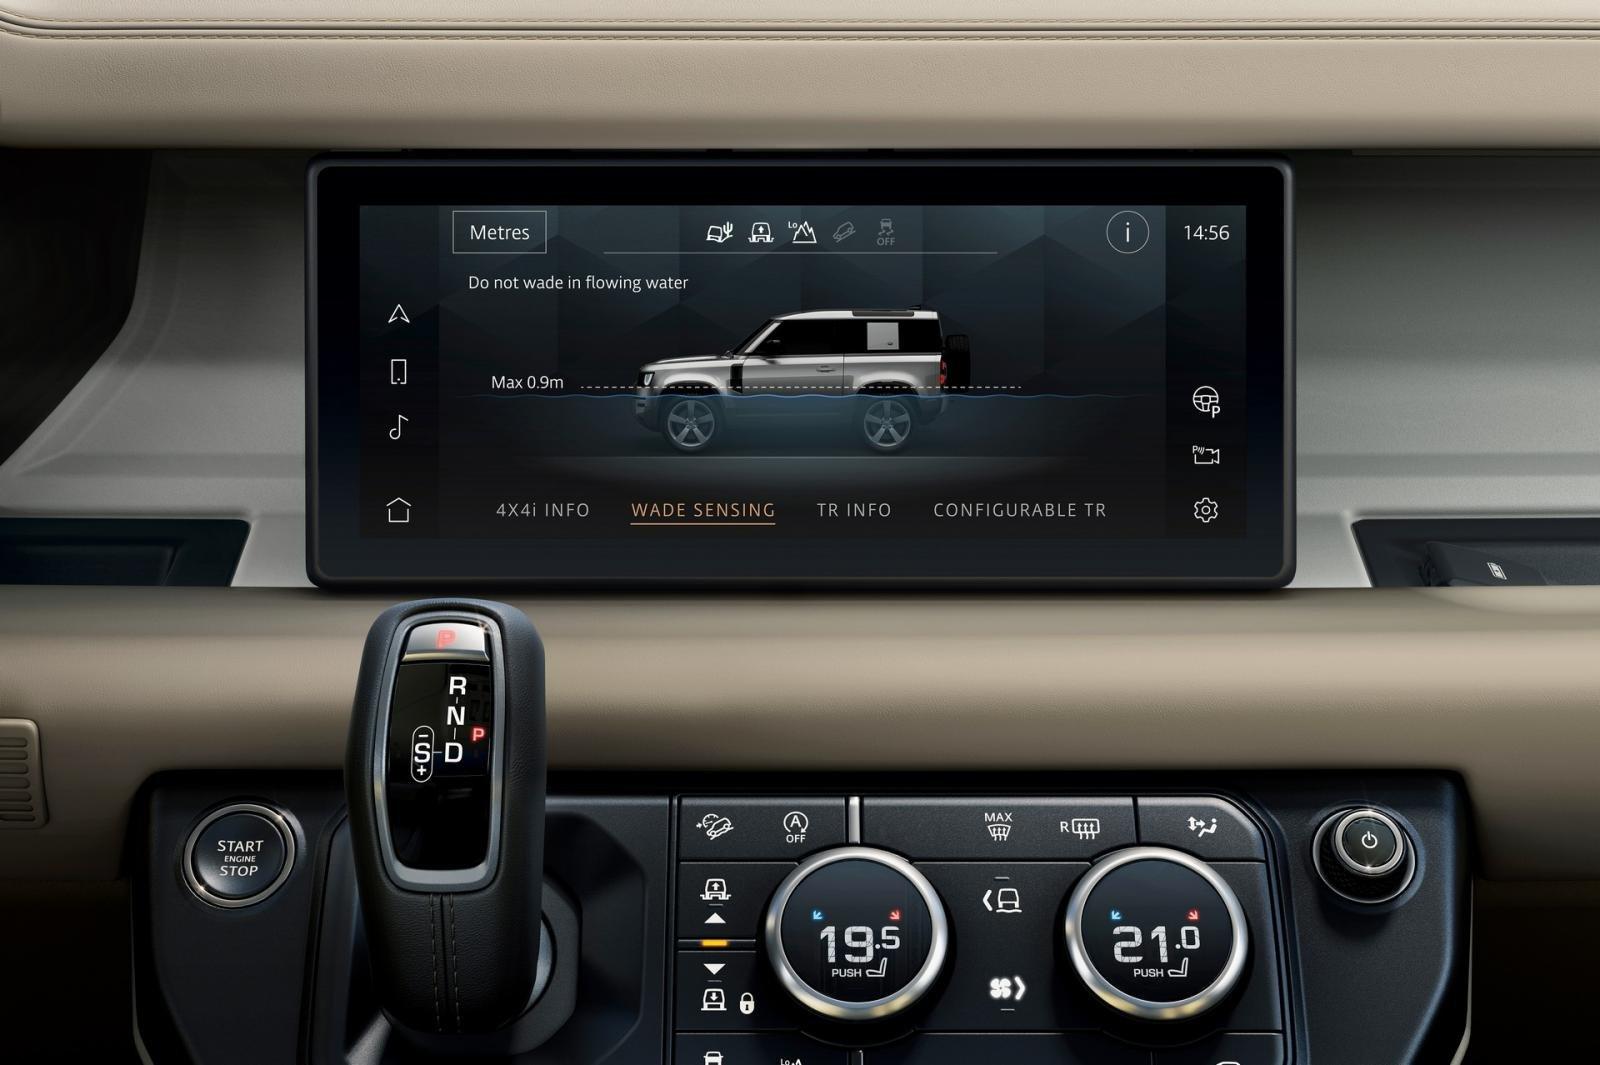 Land Rover Defender 2020 sử dụng hệ điều hành Blackberry QNX.